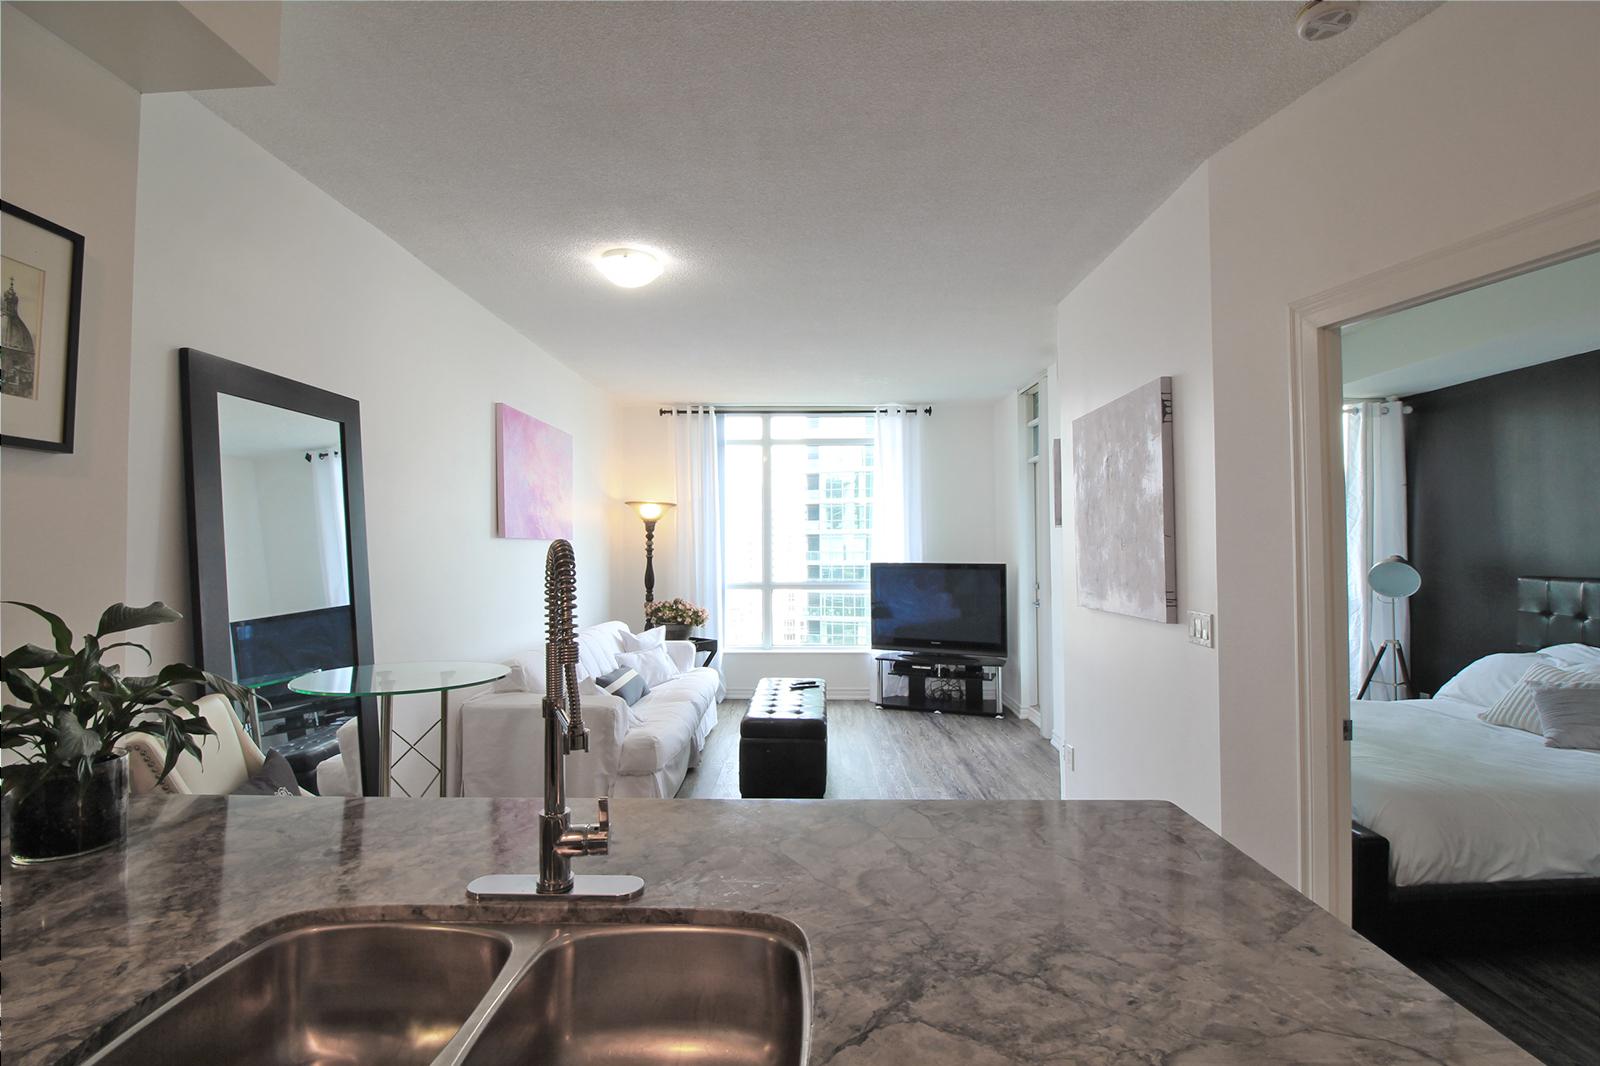 01 - Living Room 3.jpg